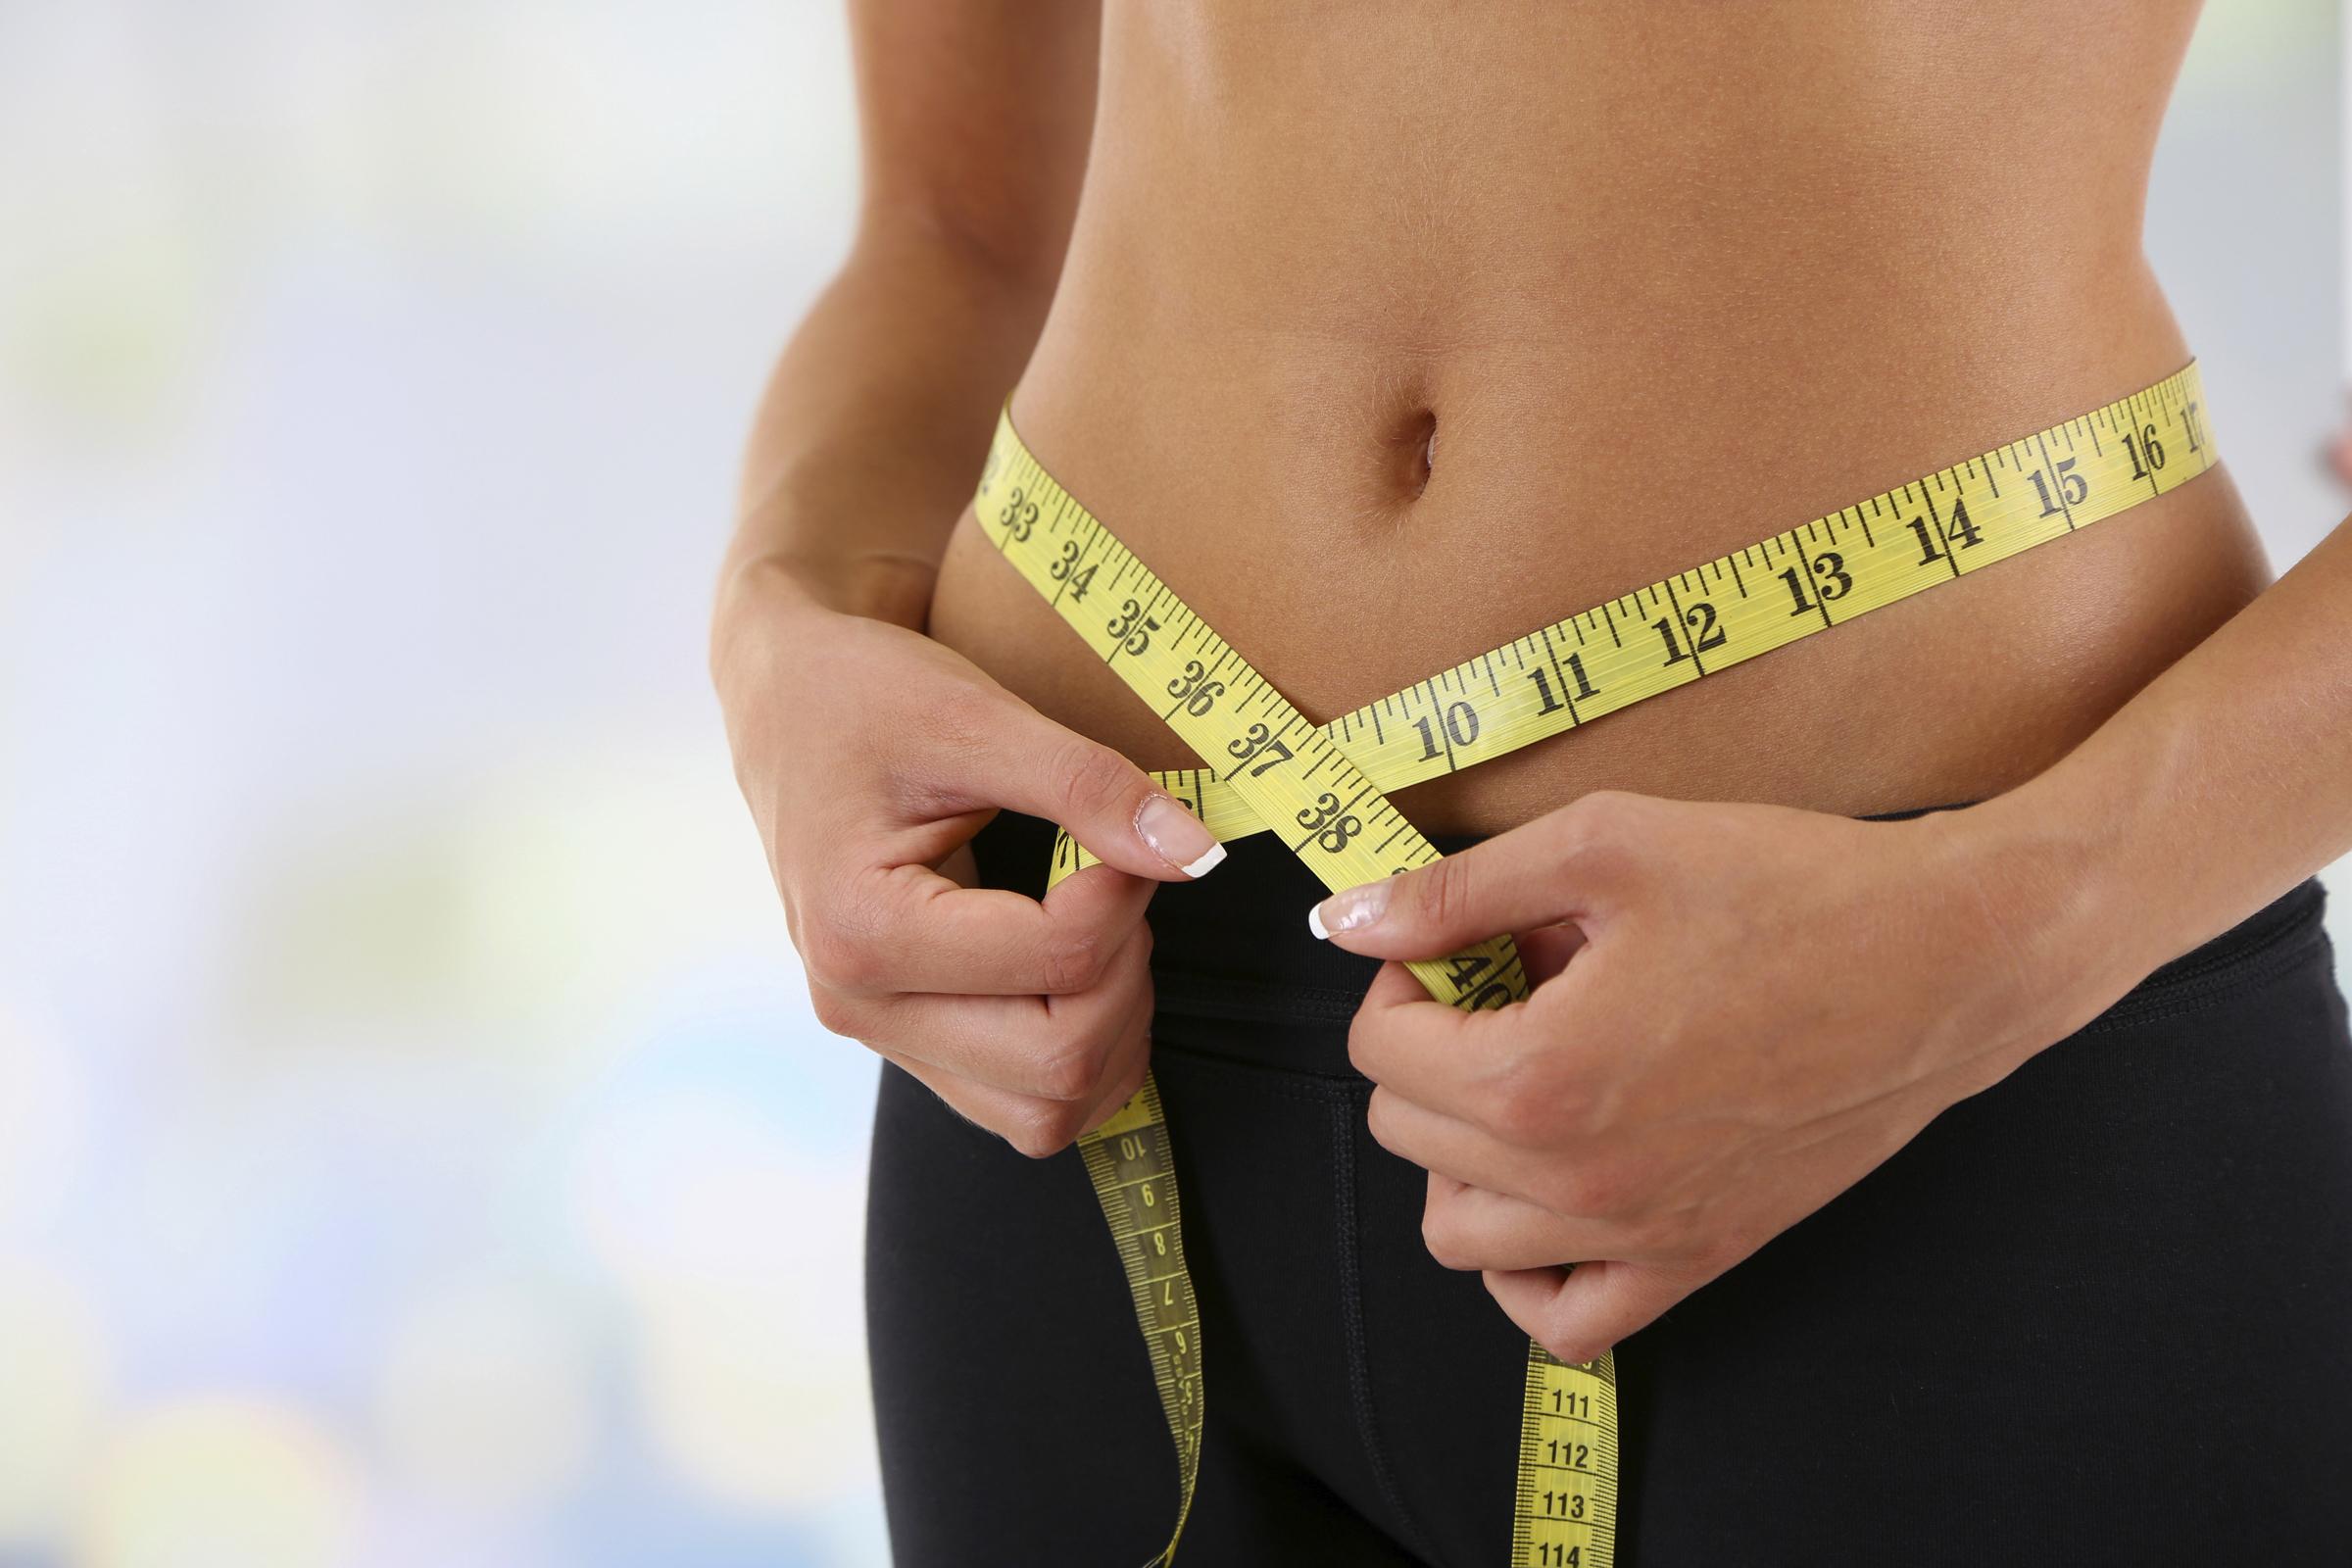 Apró változtatások, amik segítik a fogyást